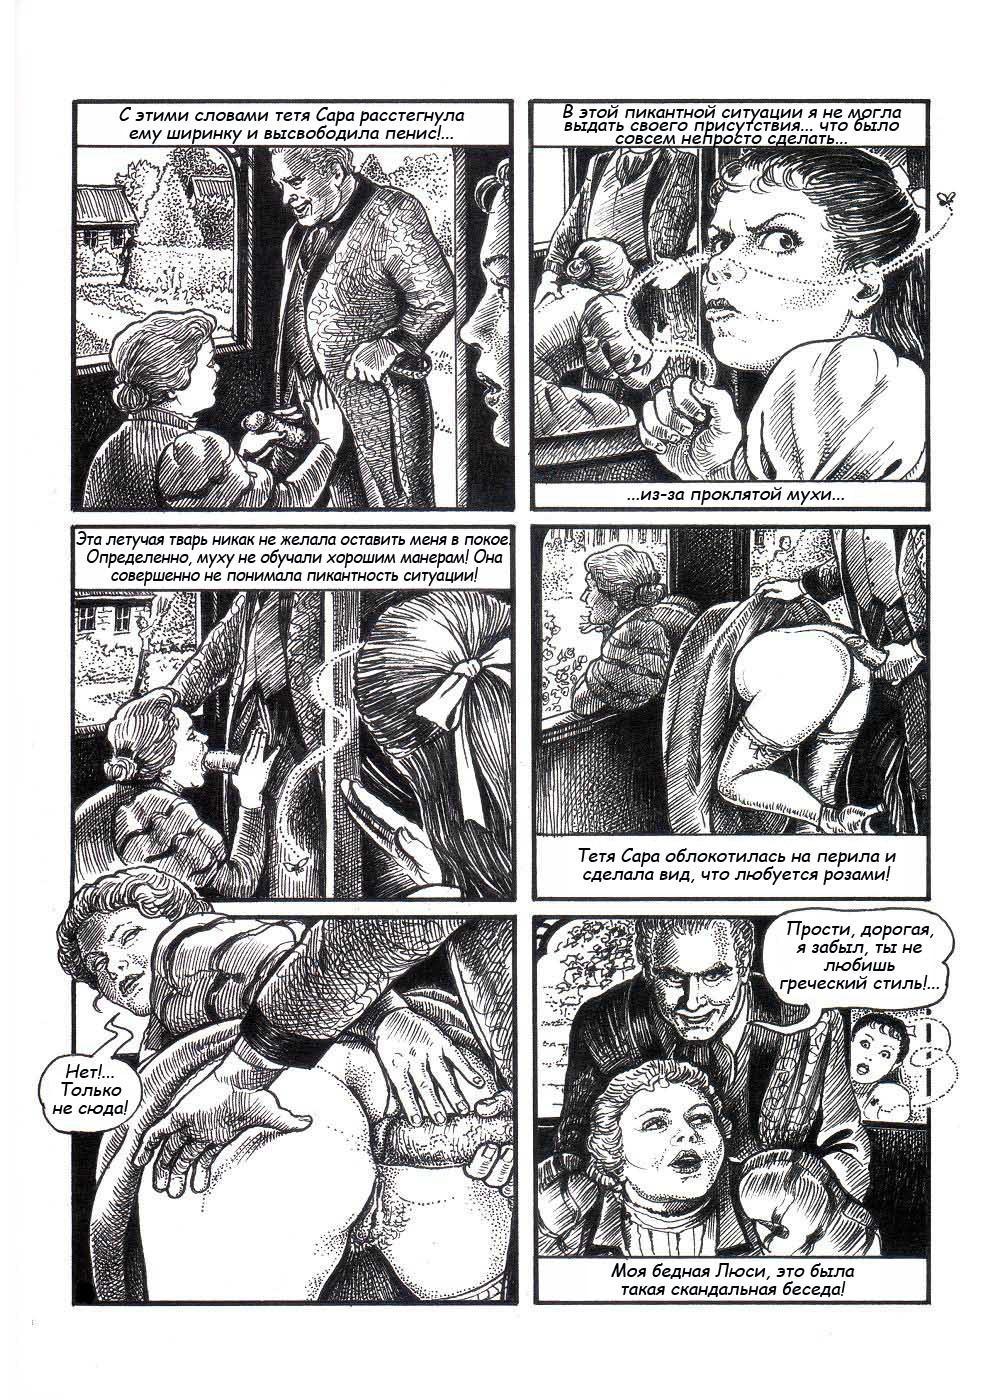 retro-eroticheskie-komiksi